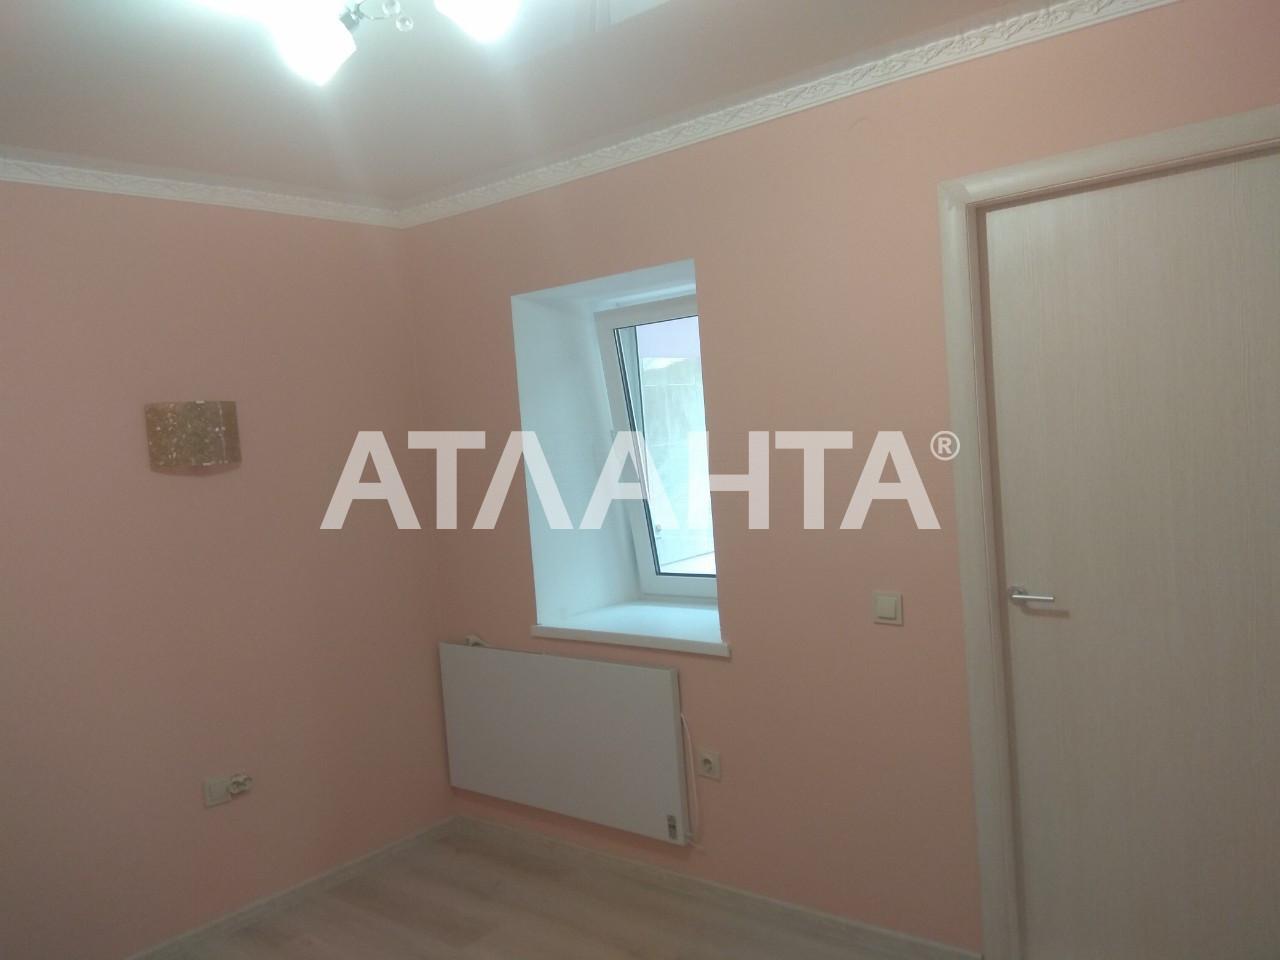 Продается 1-комнатная Квартира на ул. Михайловская (Индустриальная) — 25 000 у.е. (фото №7)